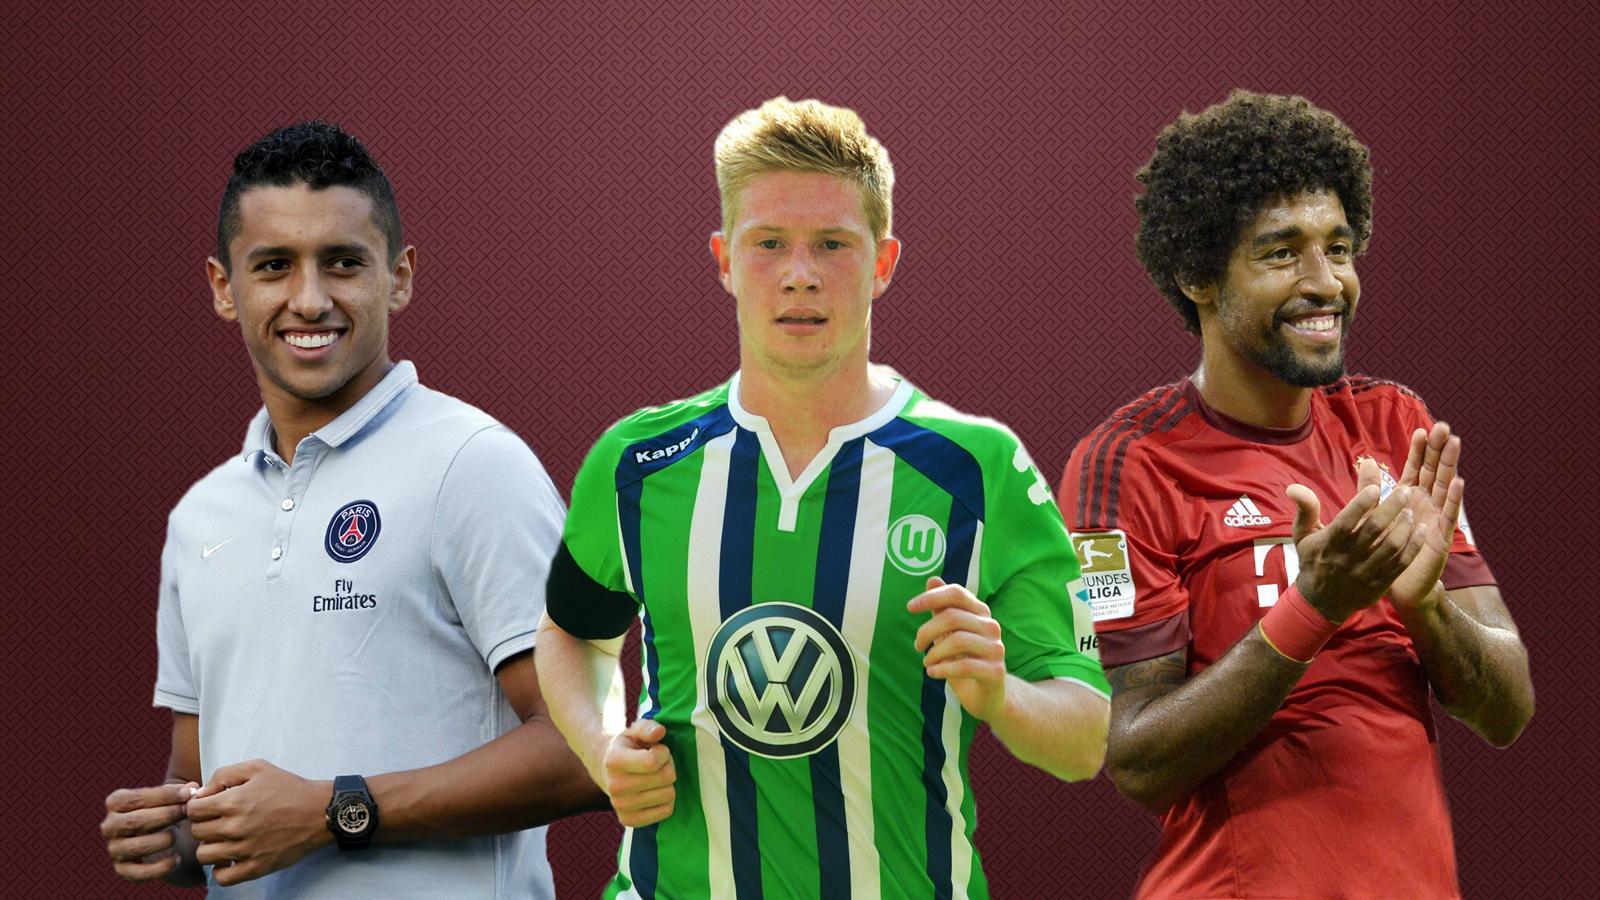 Де Брёйне наконец в «Сити», Данте покинул «Баварию» и другие трансферные новости воскресенья